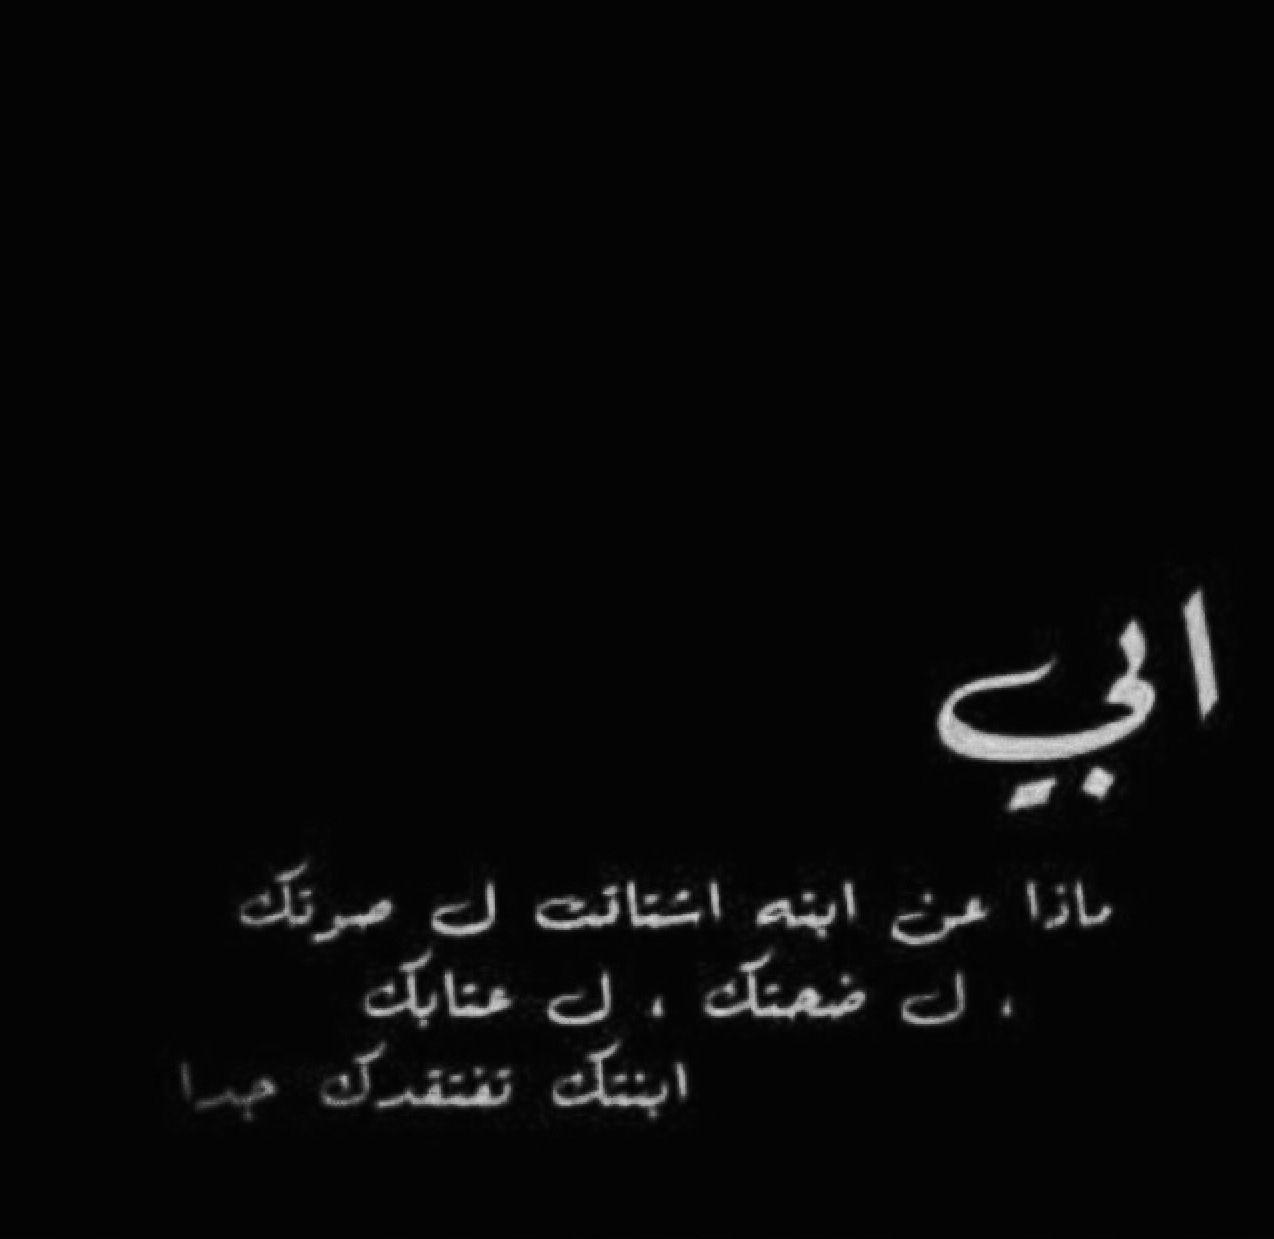 بالصور اشعار عن الاب حزينه , شعر حزين عن الاب 6749 6